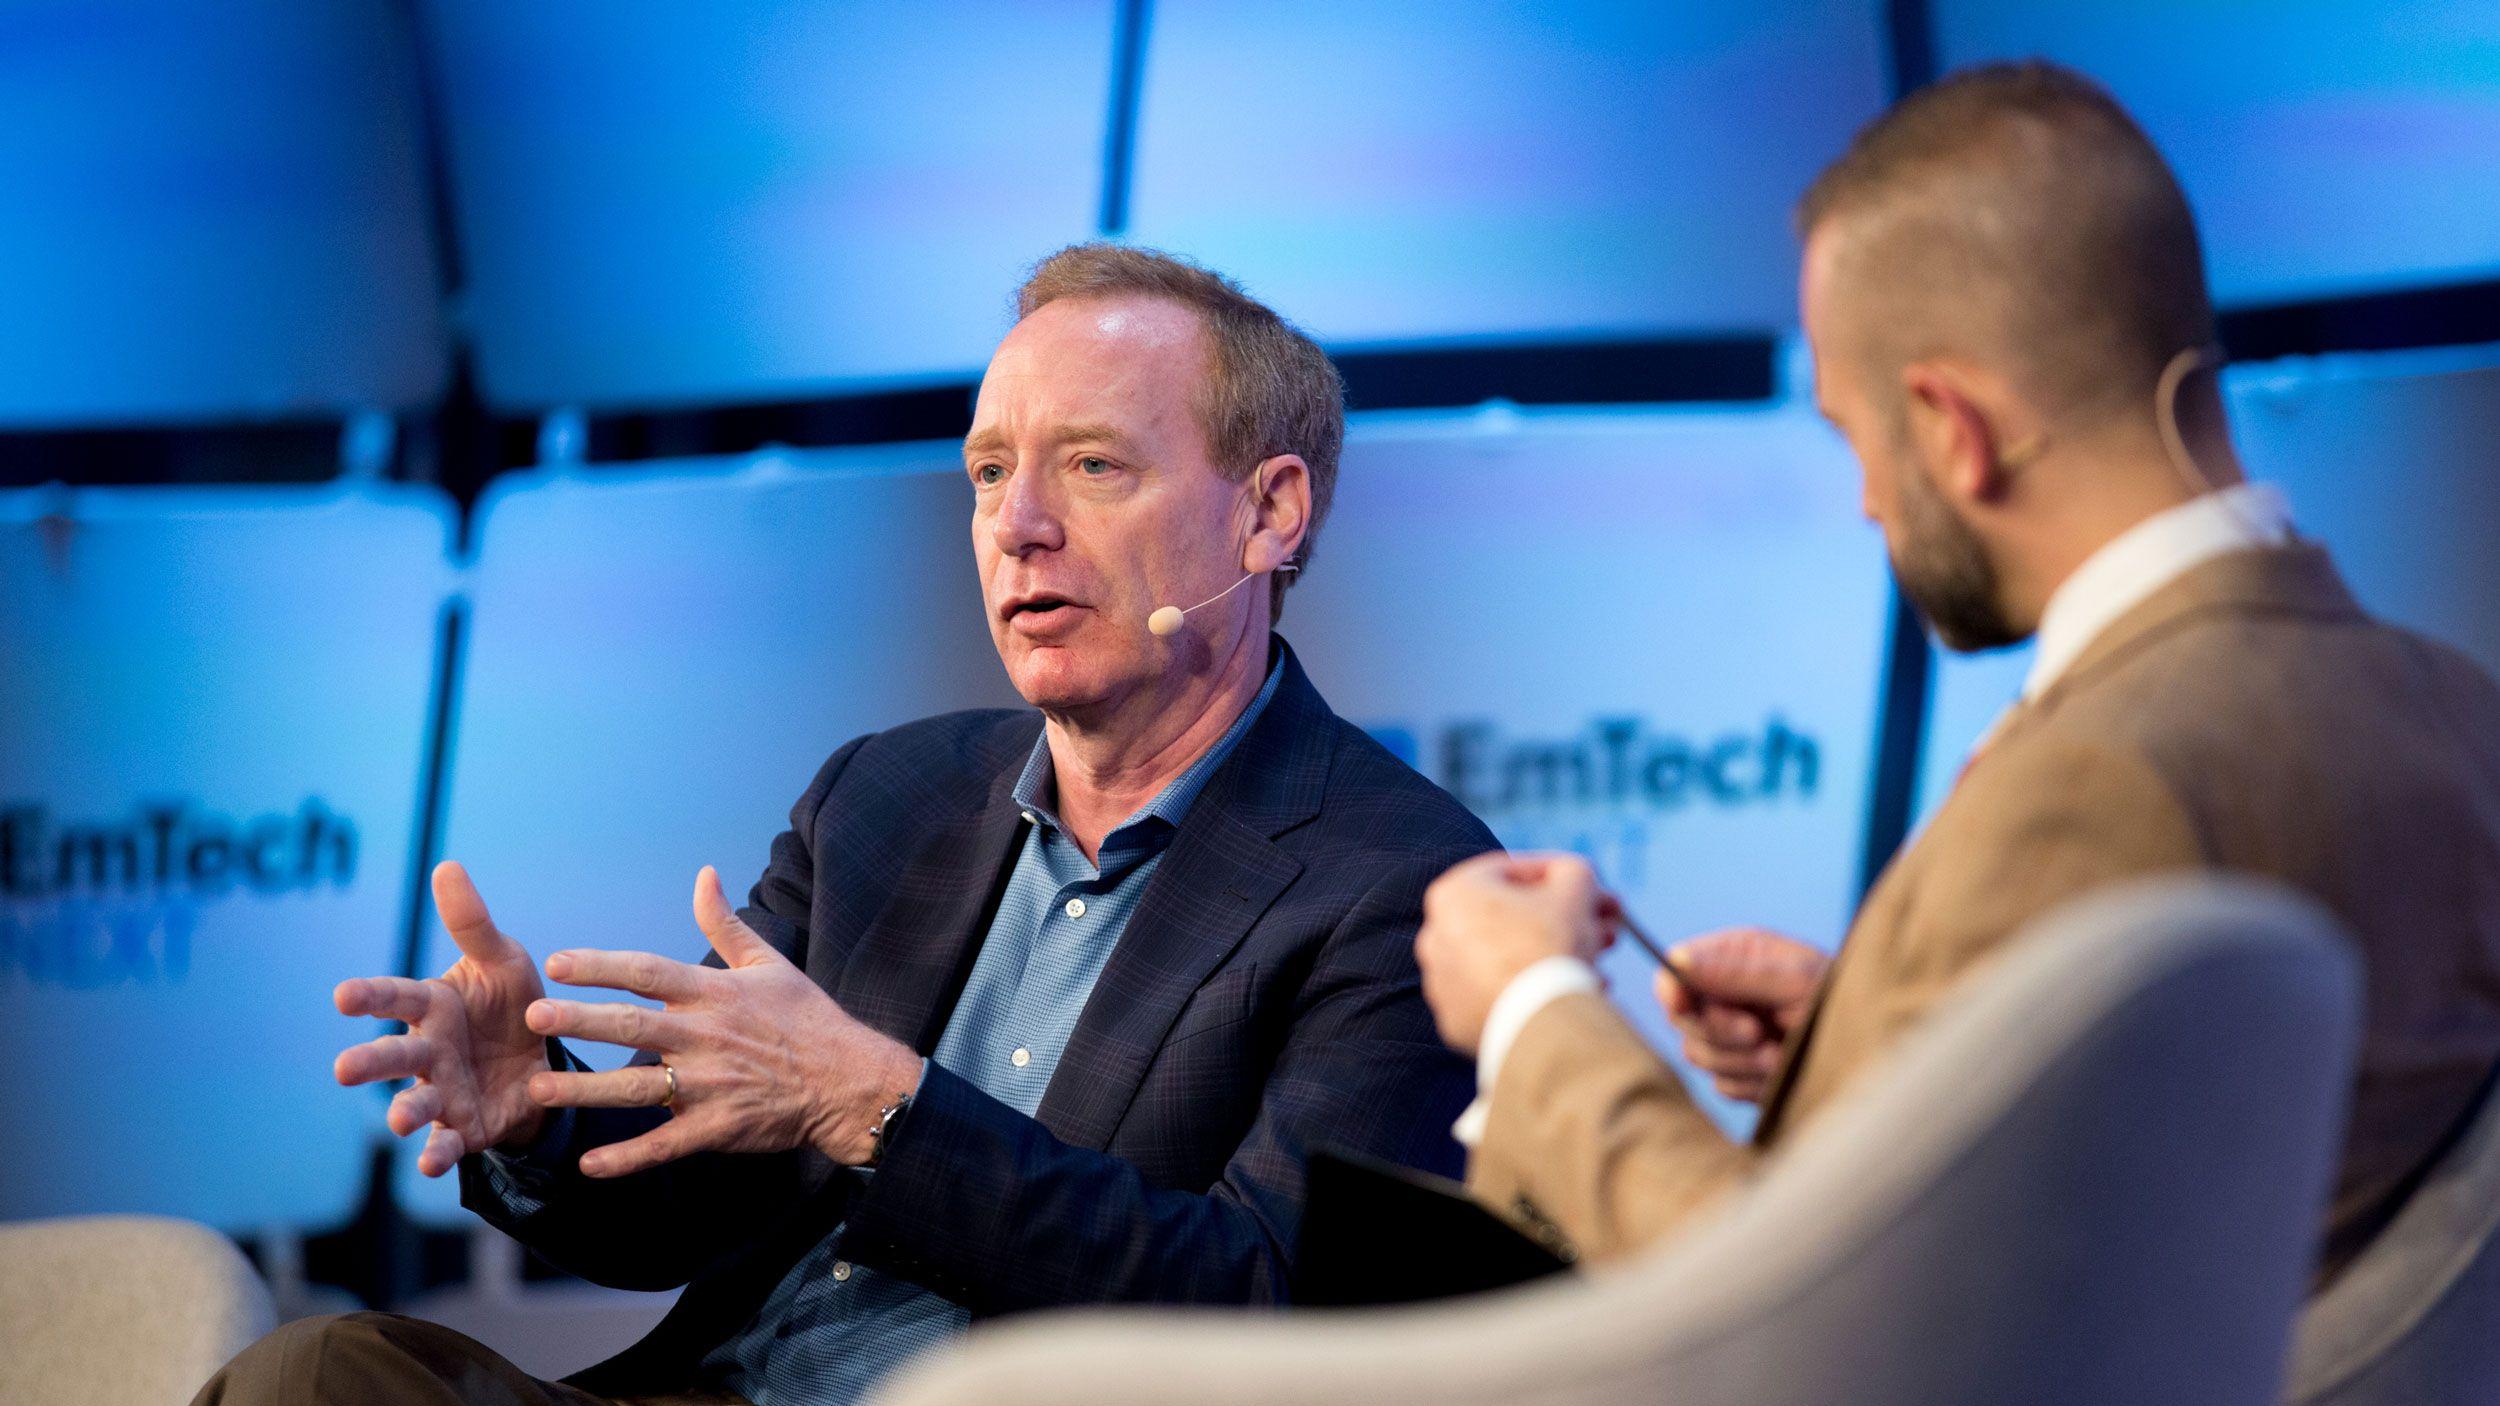 マイクロソフト社長が語った、テック企業と政府の付き合い方